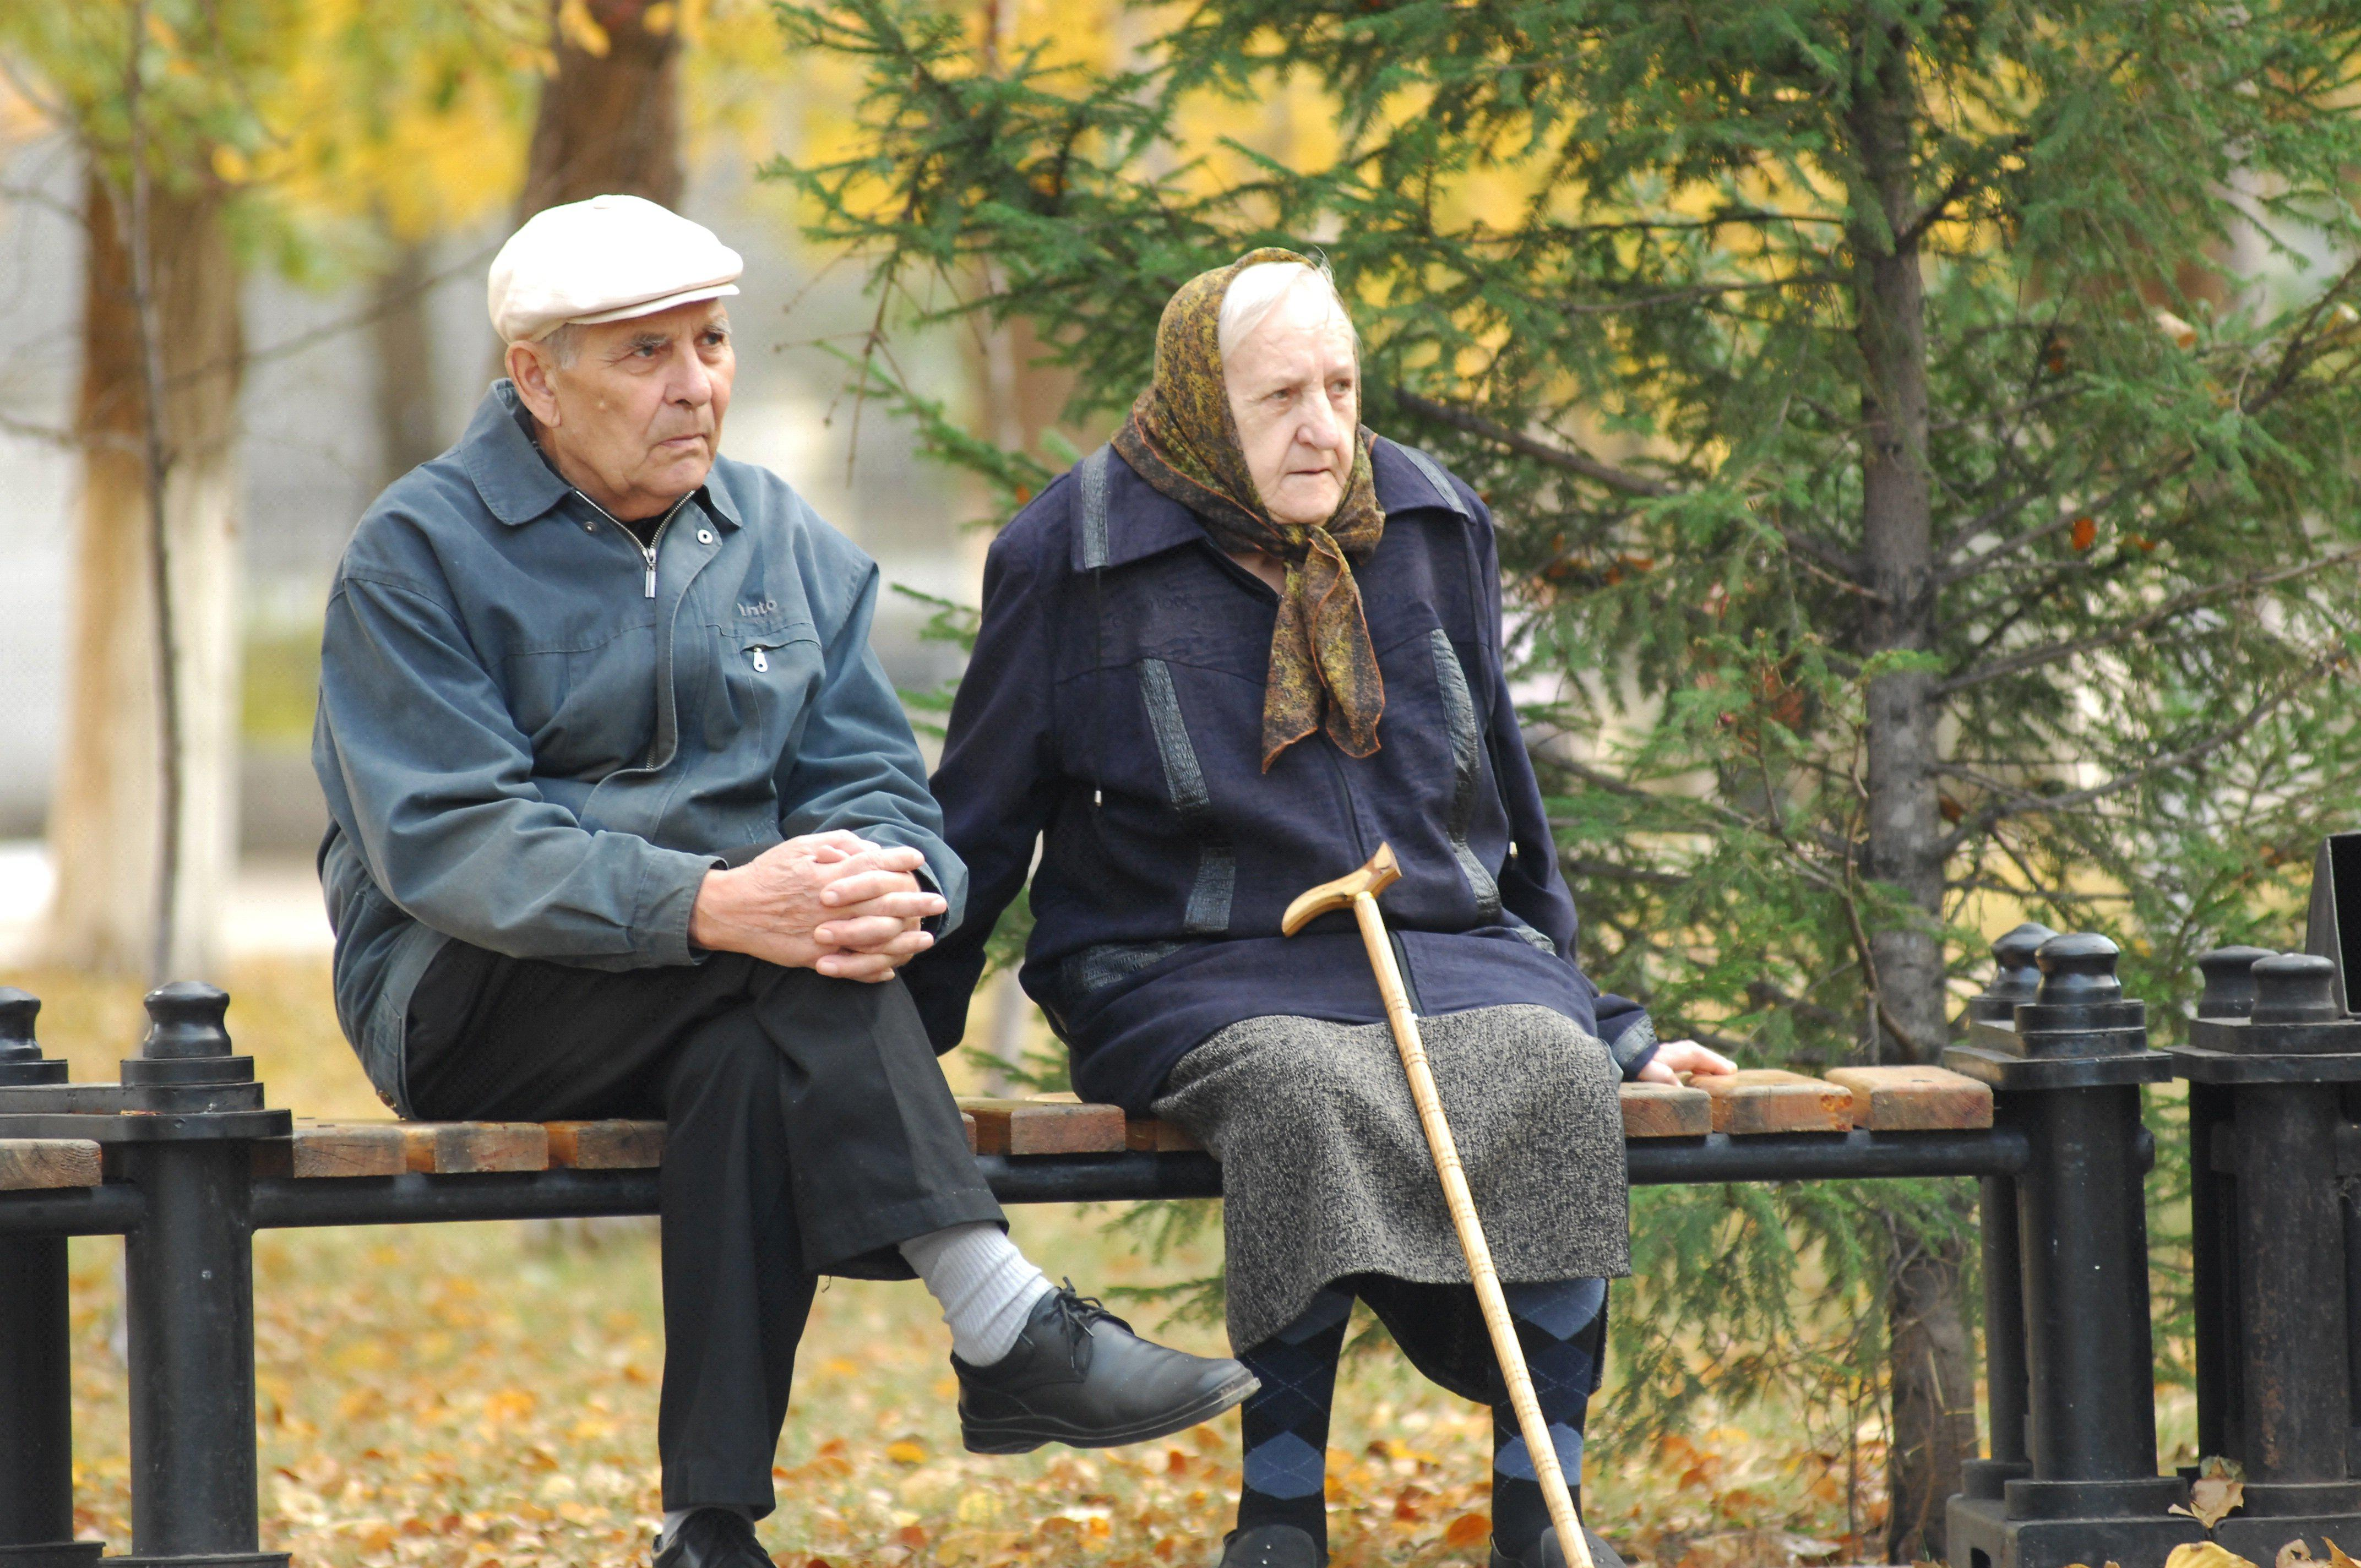 Нардеп от БПП Кононенко пообещал двукратное увеличение пенсий в следующем году